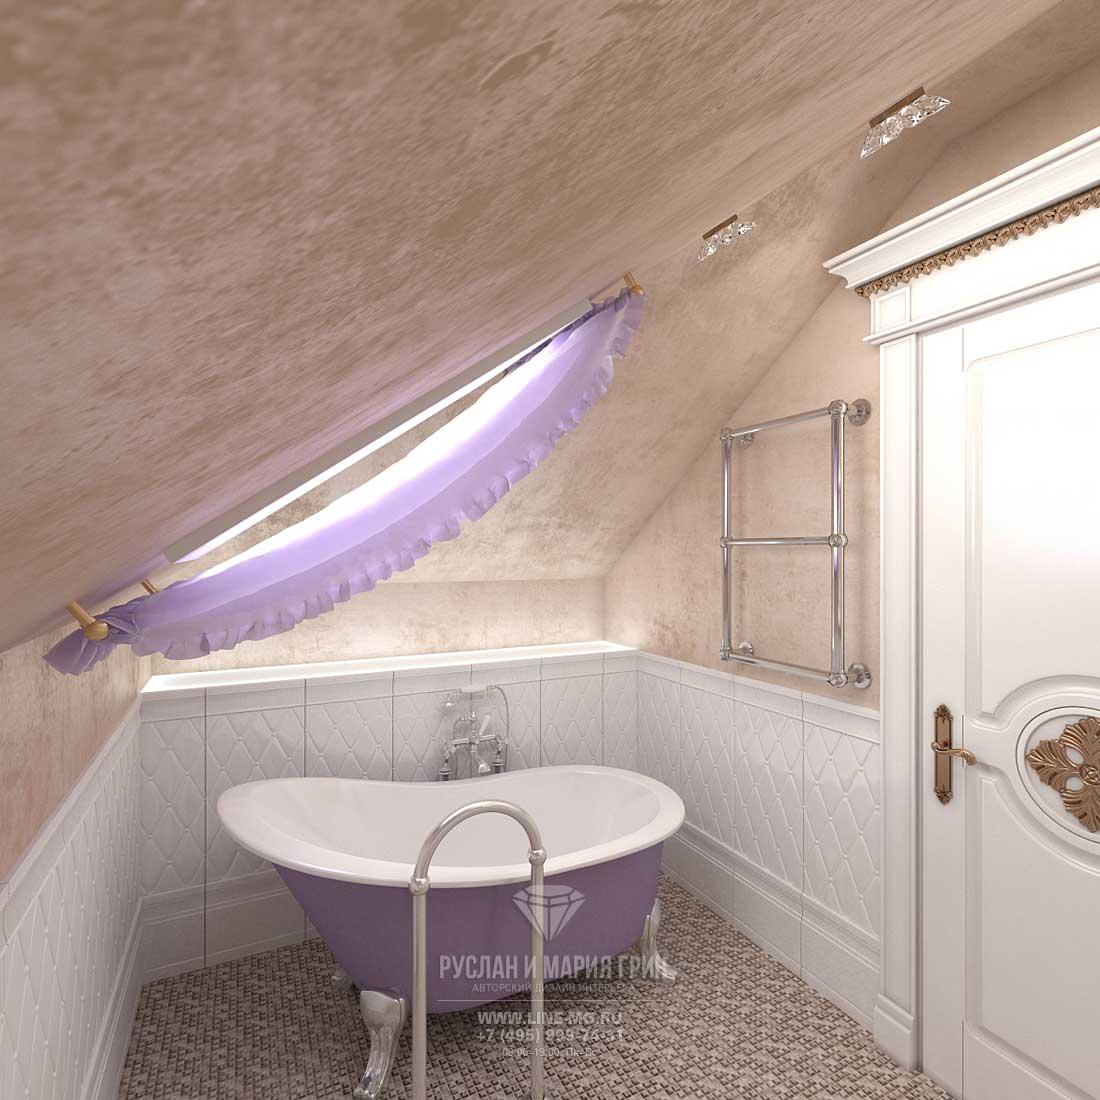 Идеи дизайна ванной комнаты 2015